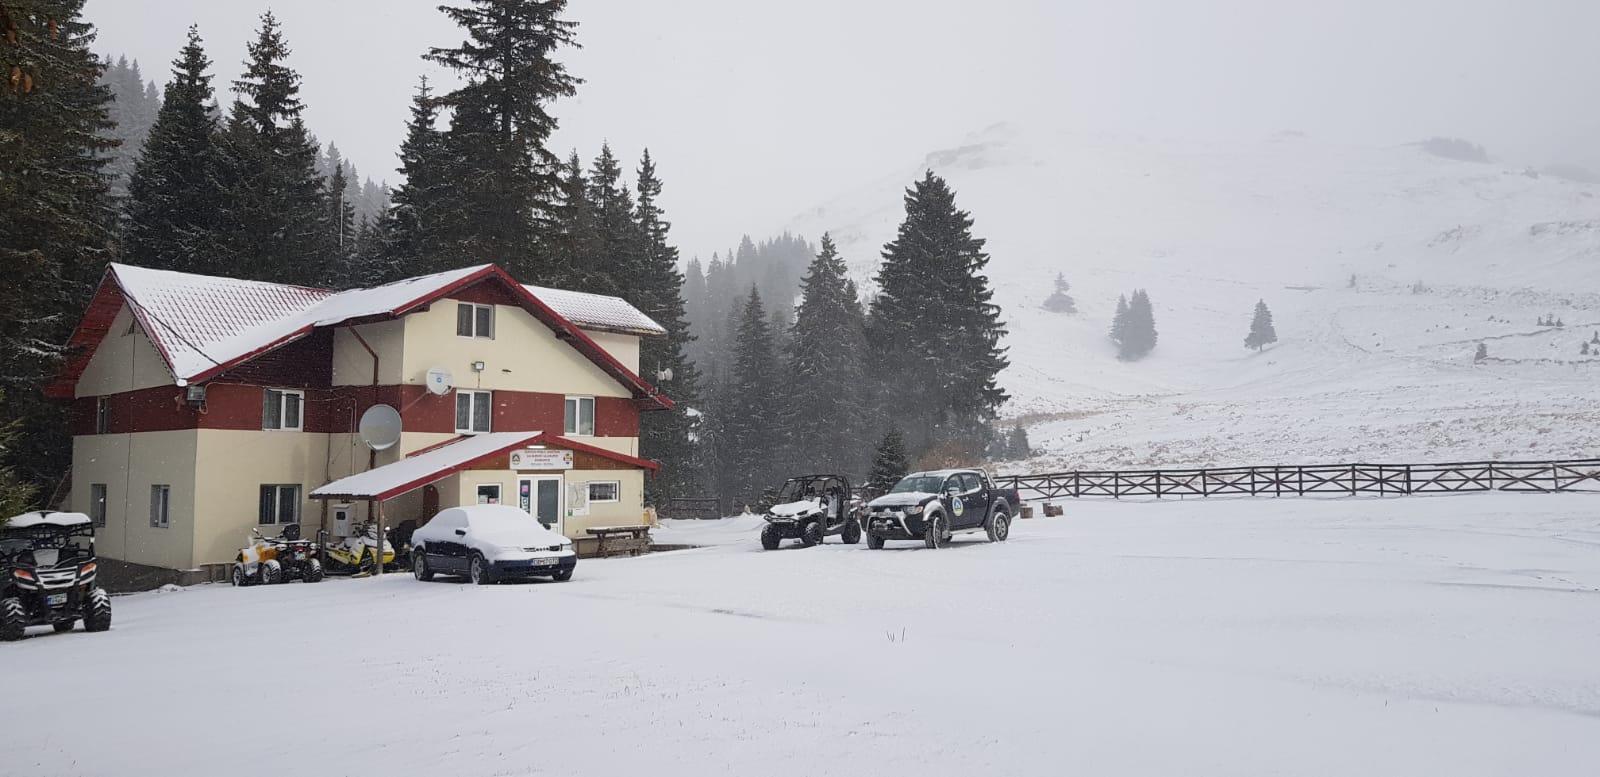 În zona Padina-Peştera, ninge şi viscoleşte iar salvamontiştii şi drumarii sunt la datorie